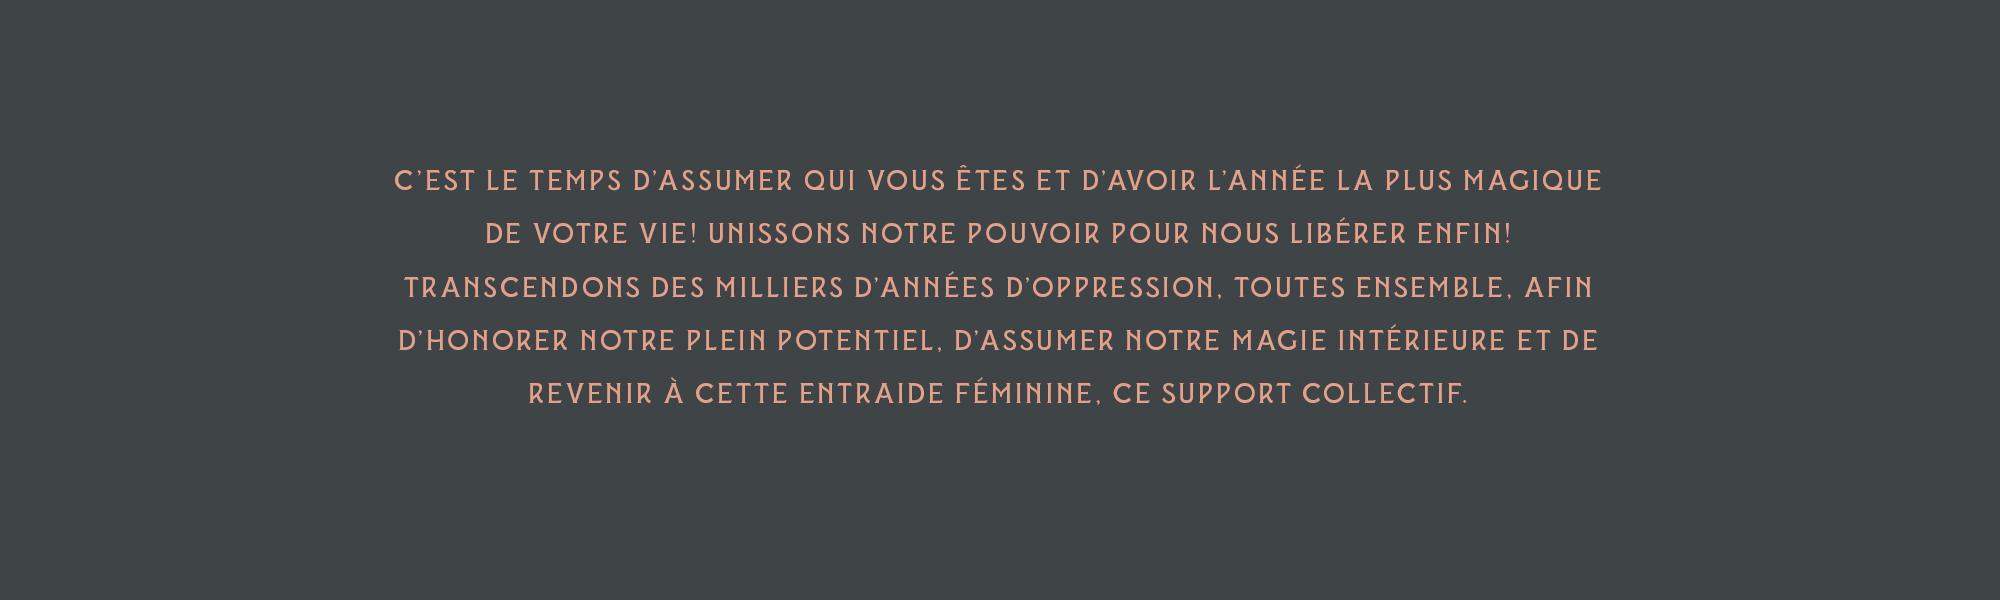 banniere-texte.jpg